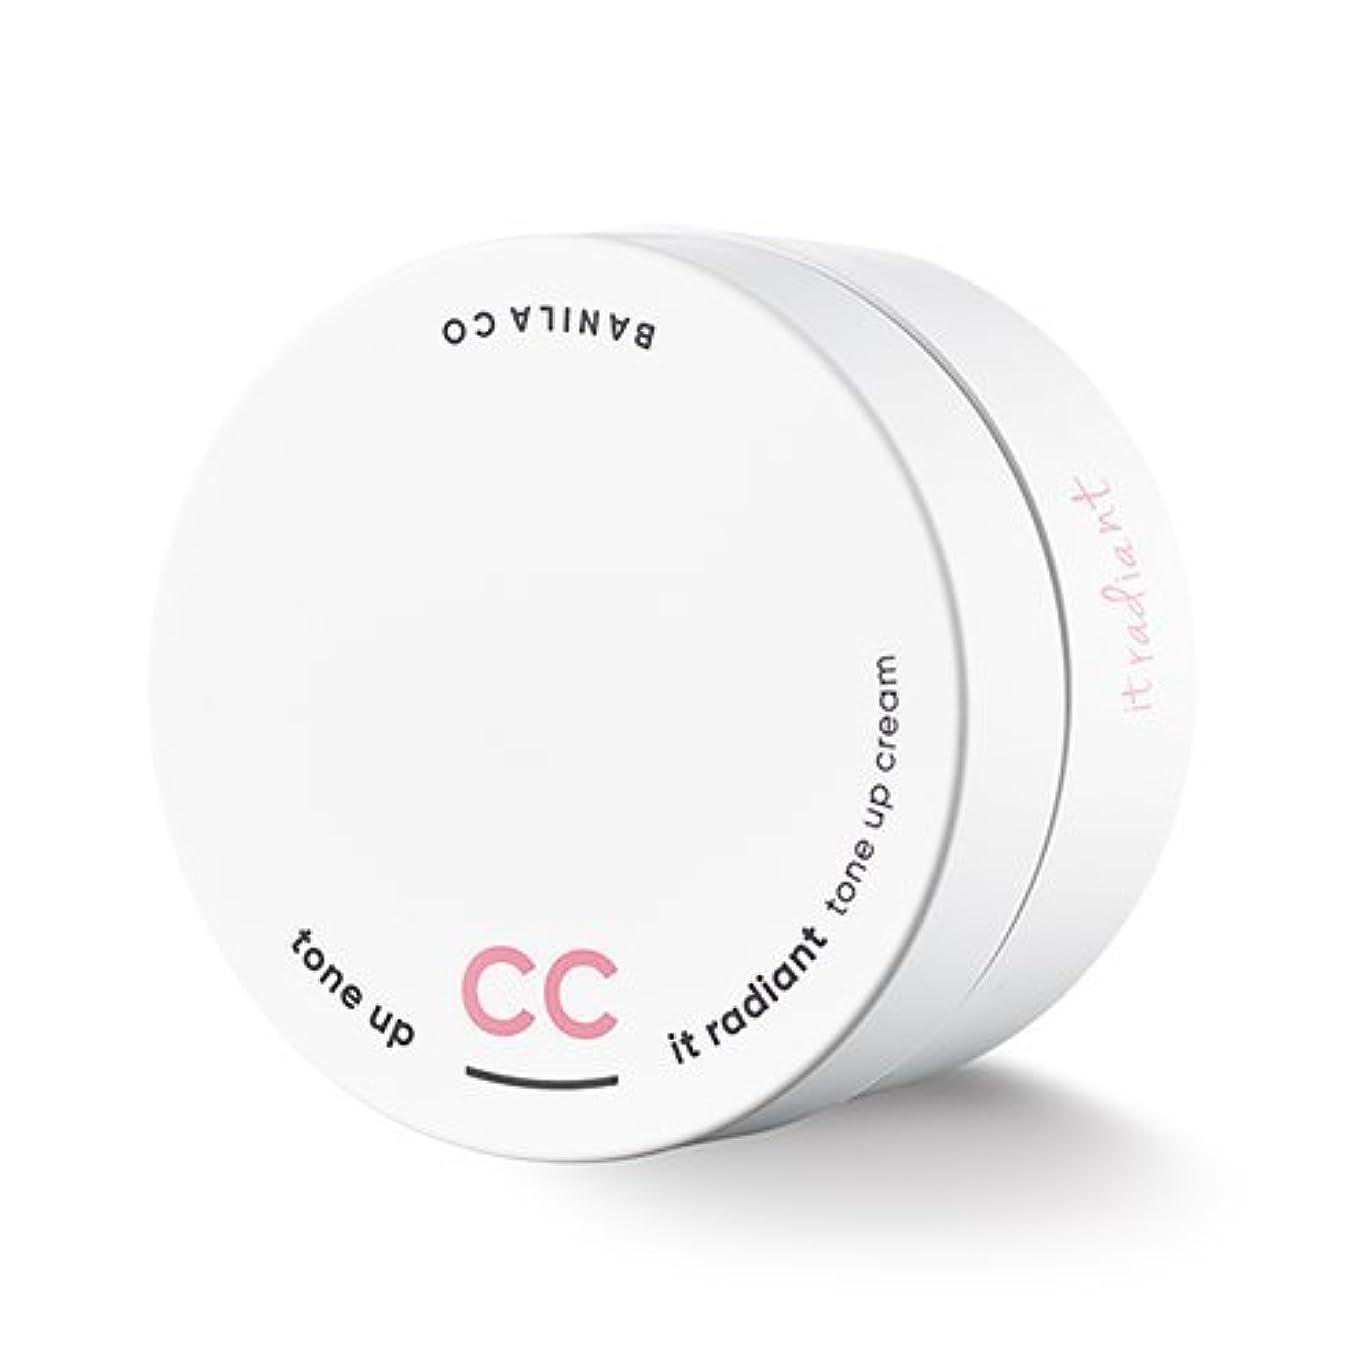 小さなピルマットBANILA CO It Radiant CC Tone Up Cream 50ml/バニラコ イット ラディアント CC トーンアップ クリーム 50ml [並行輸入品]